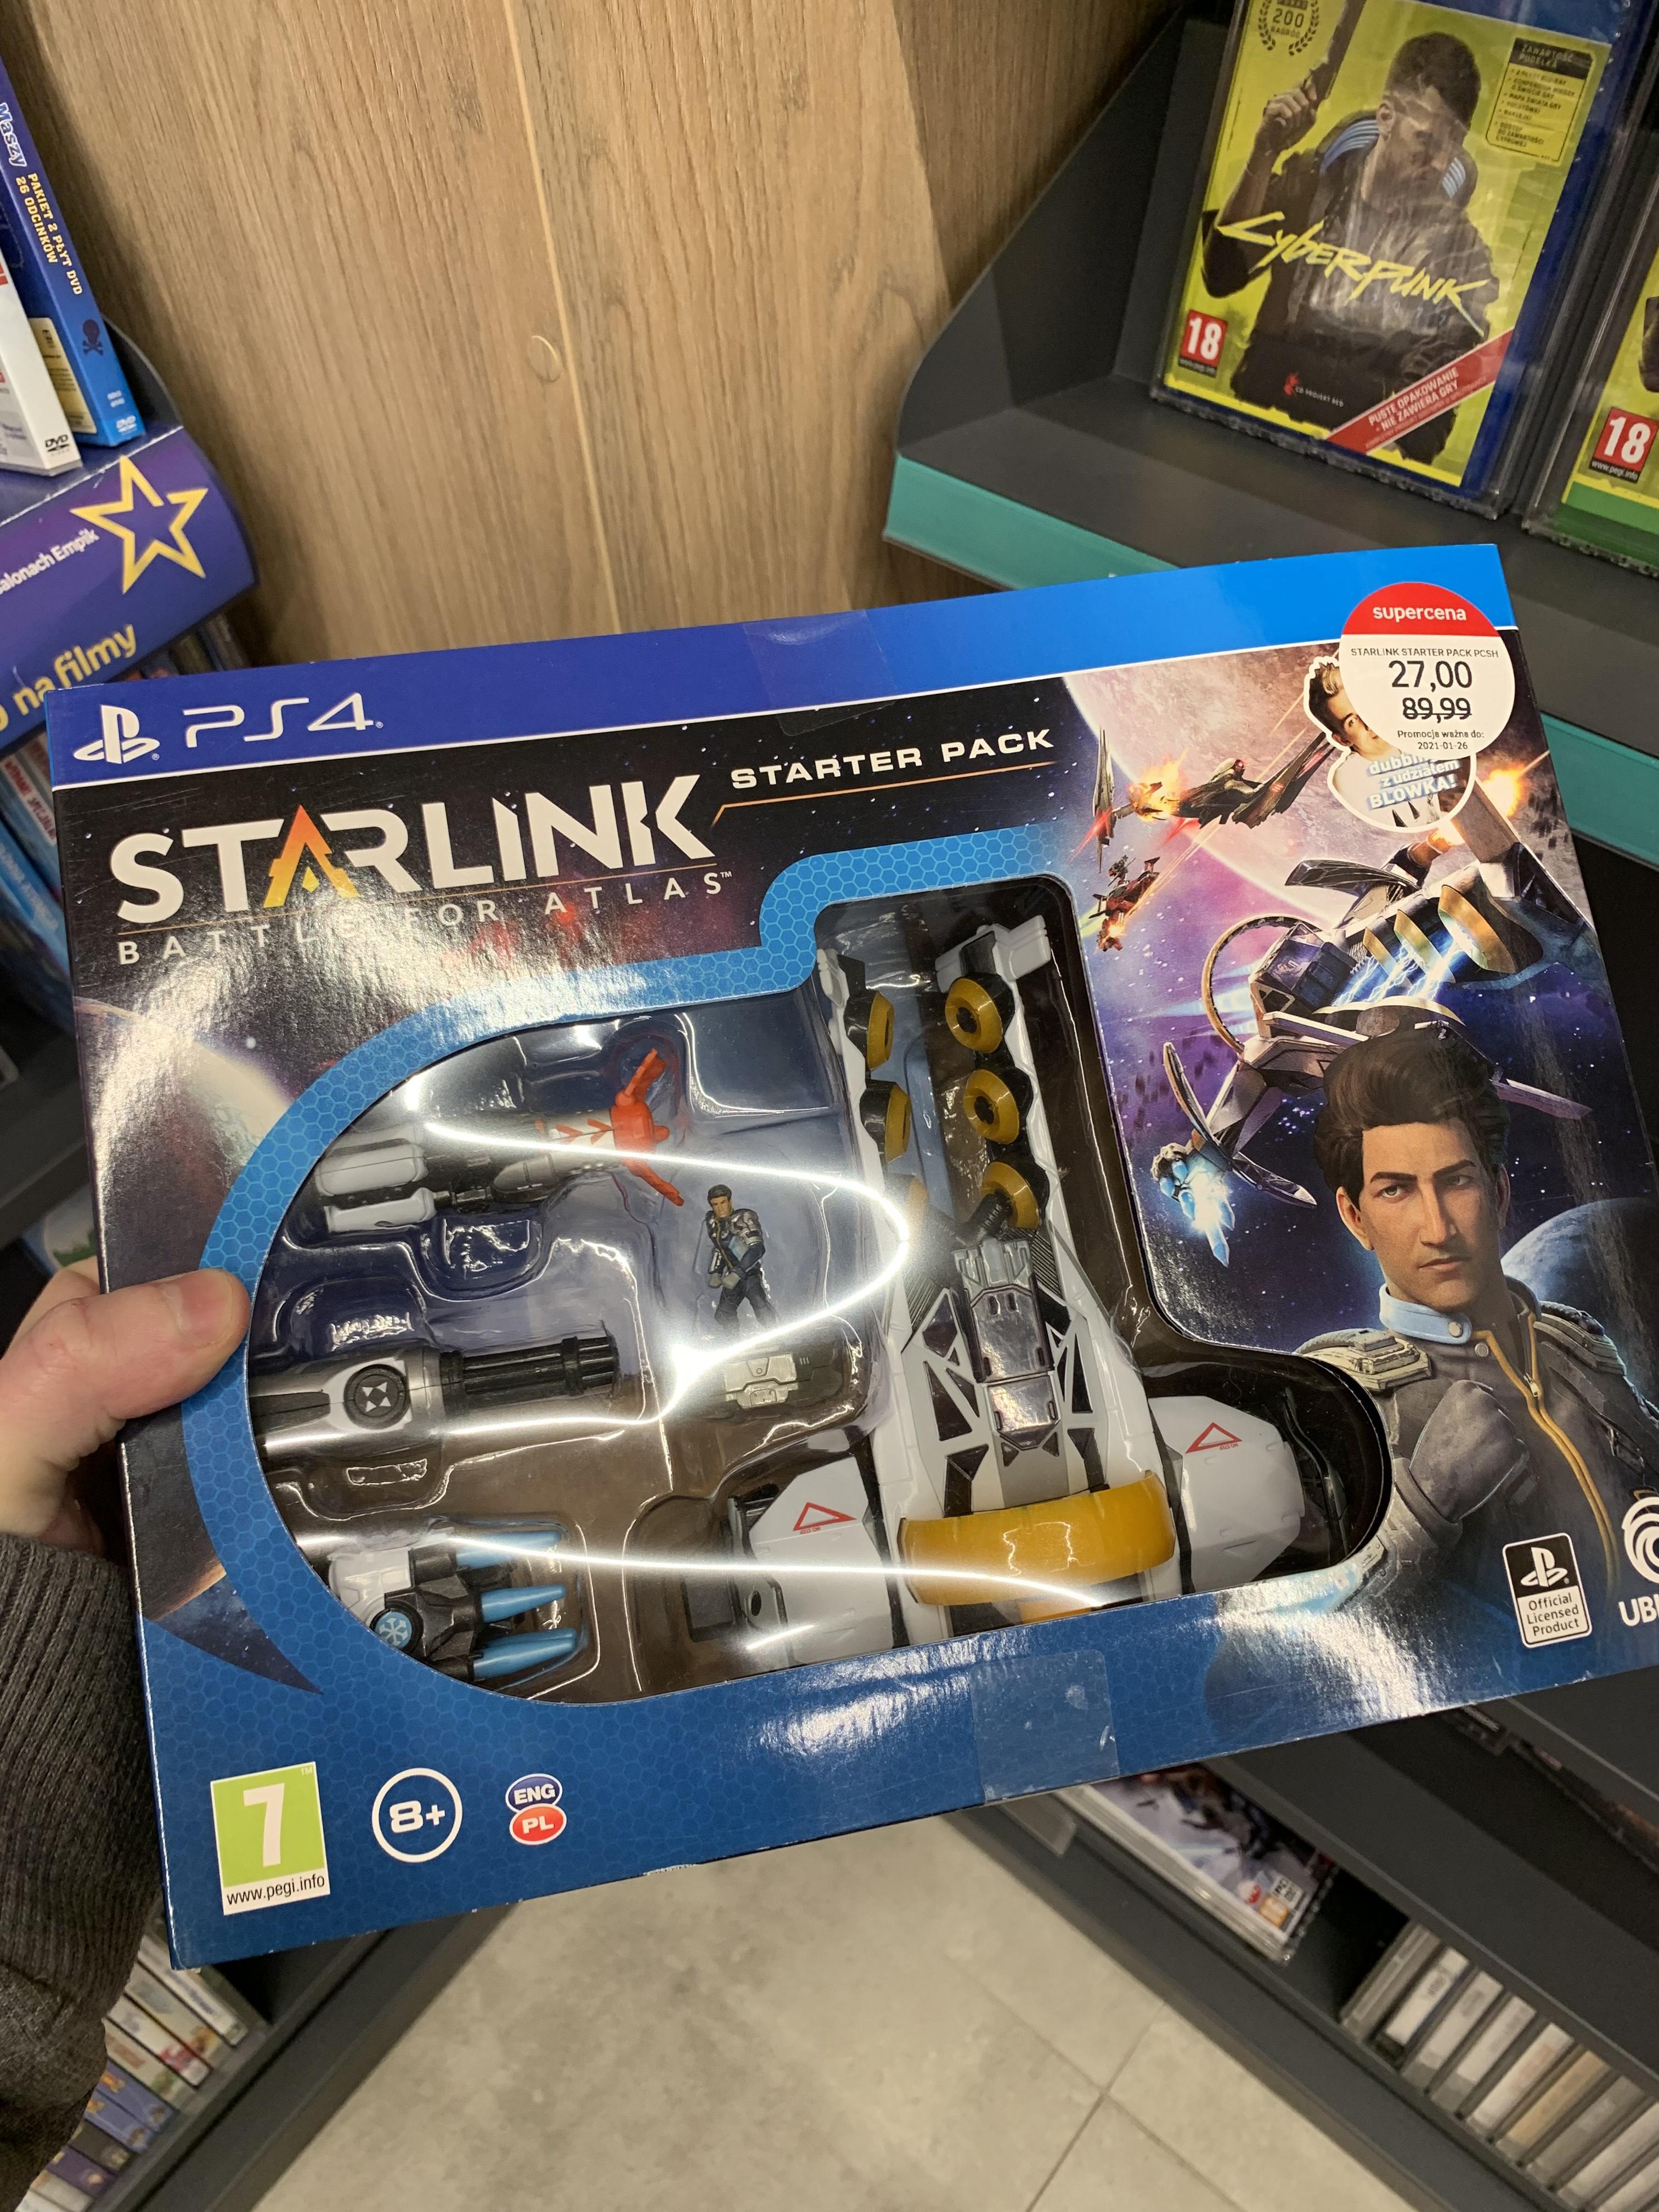 Starlink :Battle for Atlas PS4 - Starter Pack @Empik